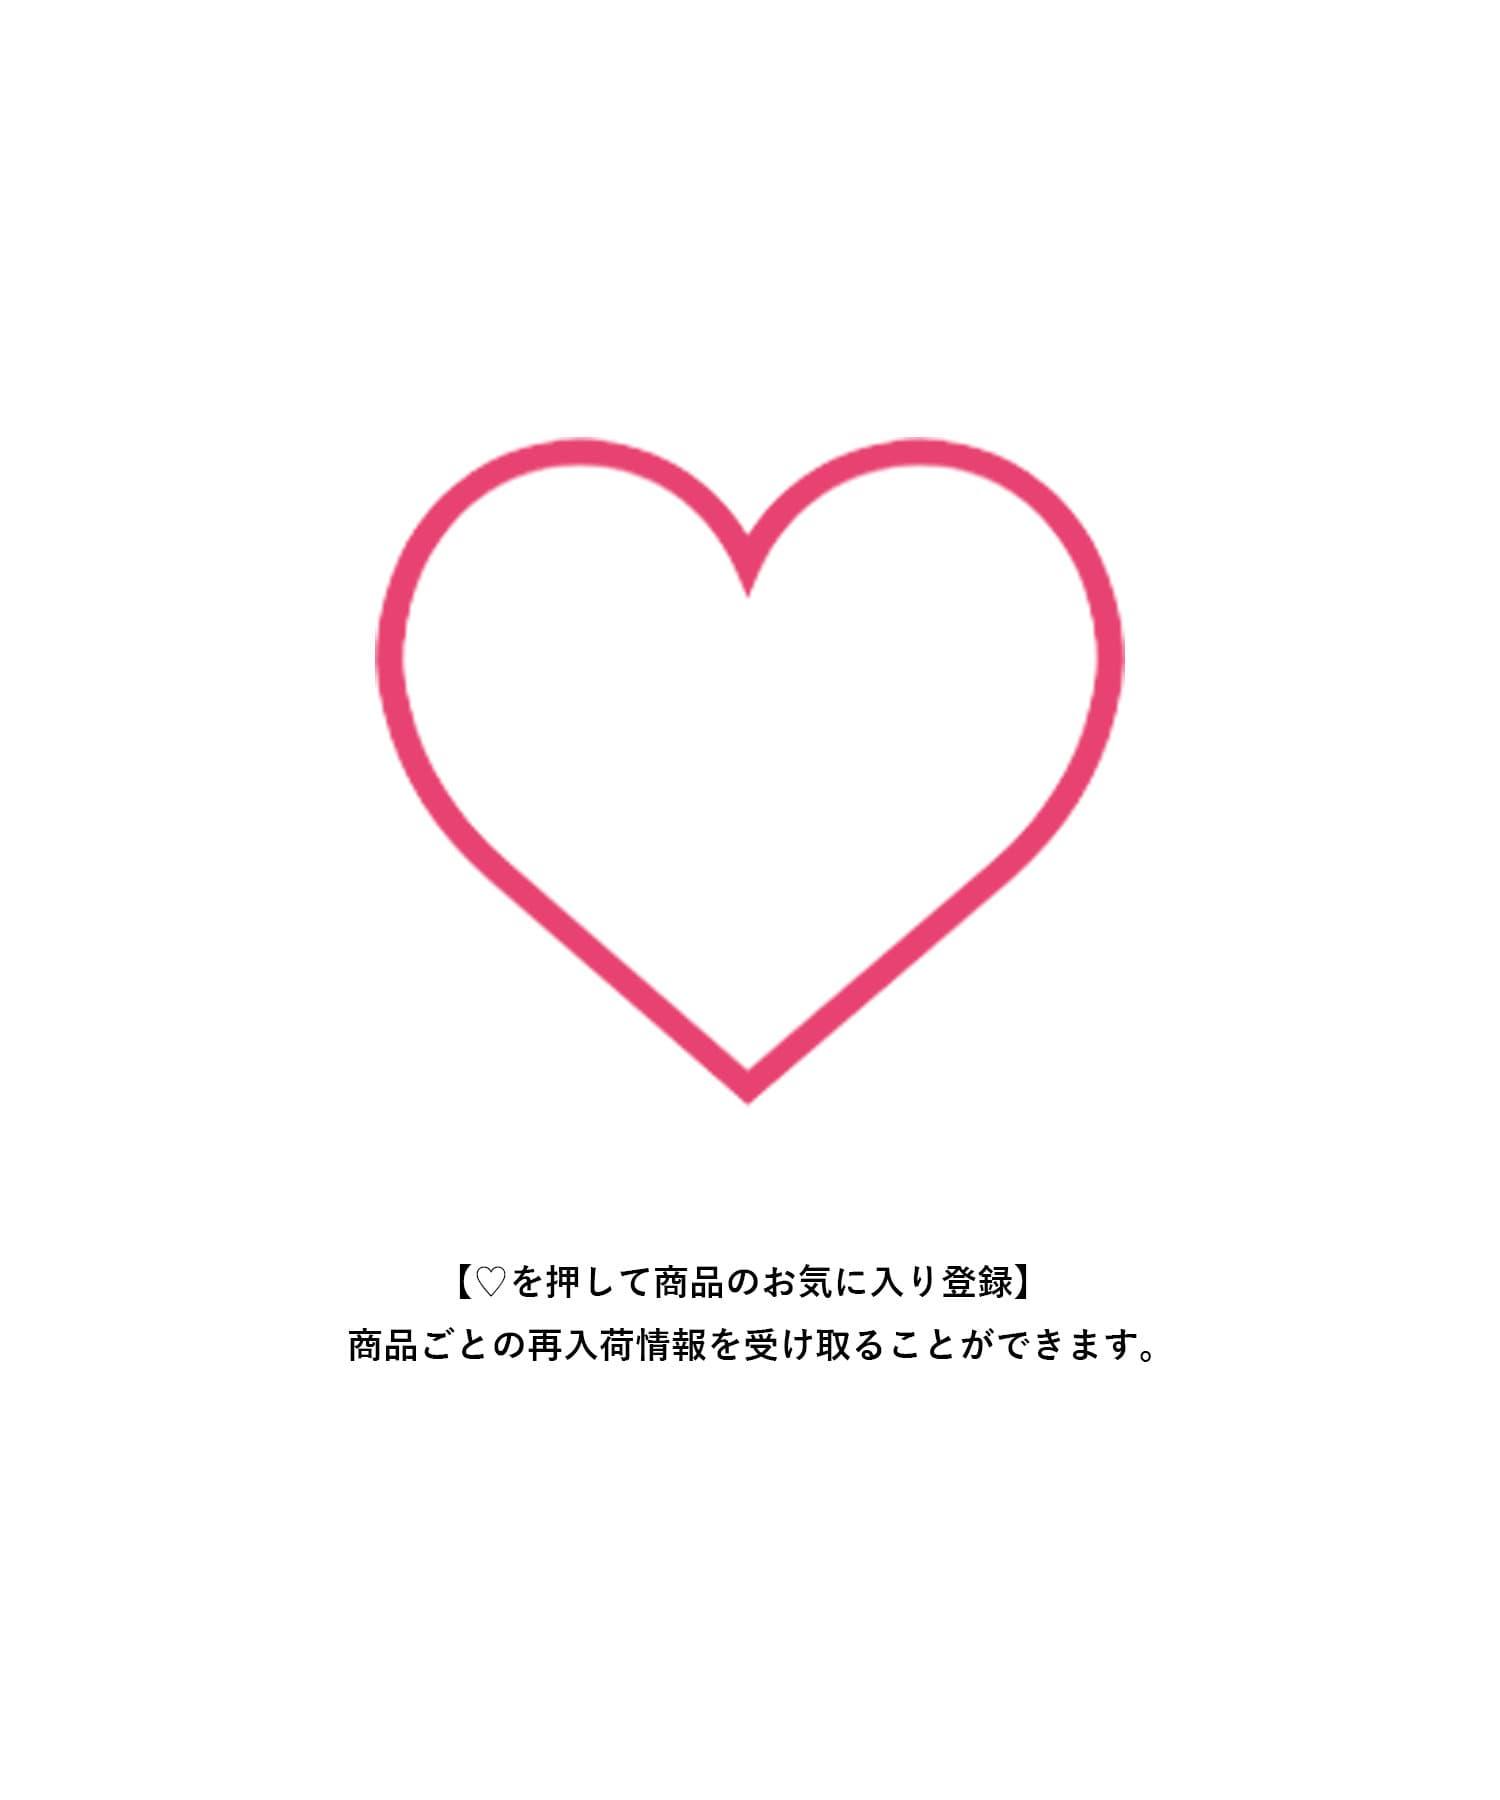 COLLAGE GALLARDAGALANTE(コラージュ ガリャルダガランテ) 【PAPILLONNER】ロングブーツ